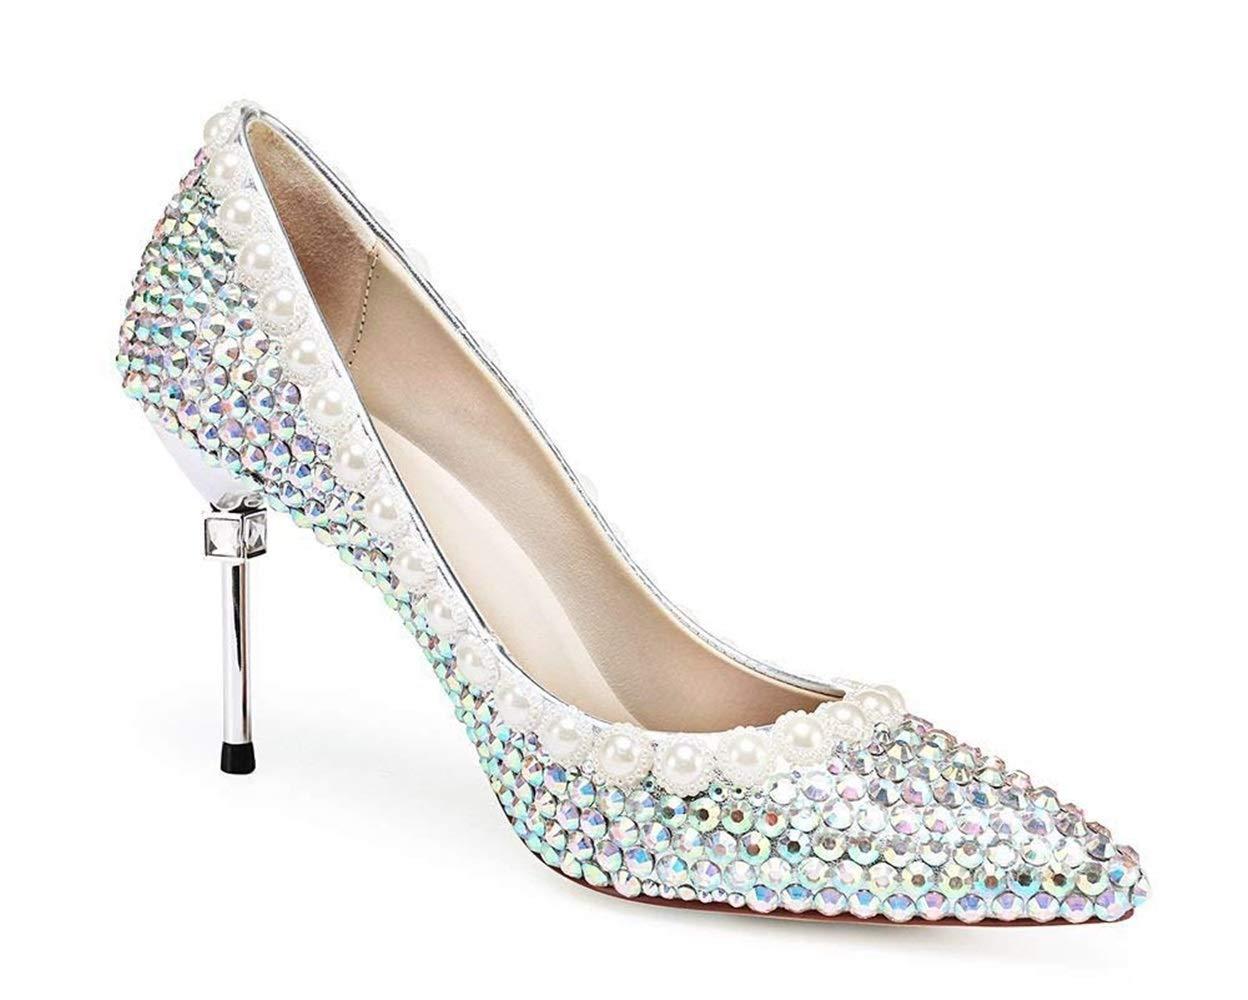 Moontang Braut Sparkle Farbe Strass Hochzeit Hochzeit Hochzeit Schuhe Star Bühne Show High Heels (Farbe   Farbe Größe   2.5-3UK(Foot Length 22.5CM)) a59bc4